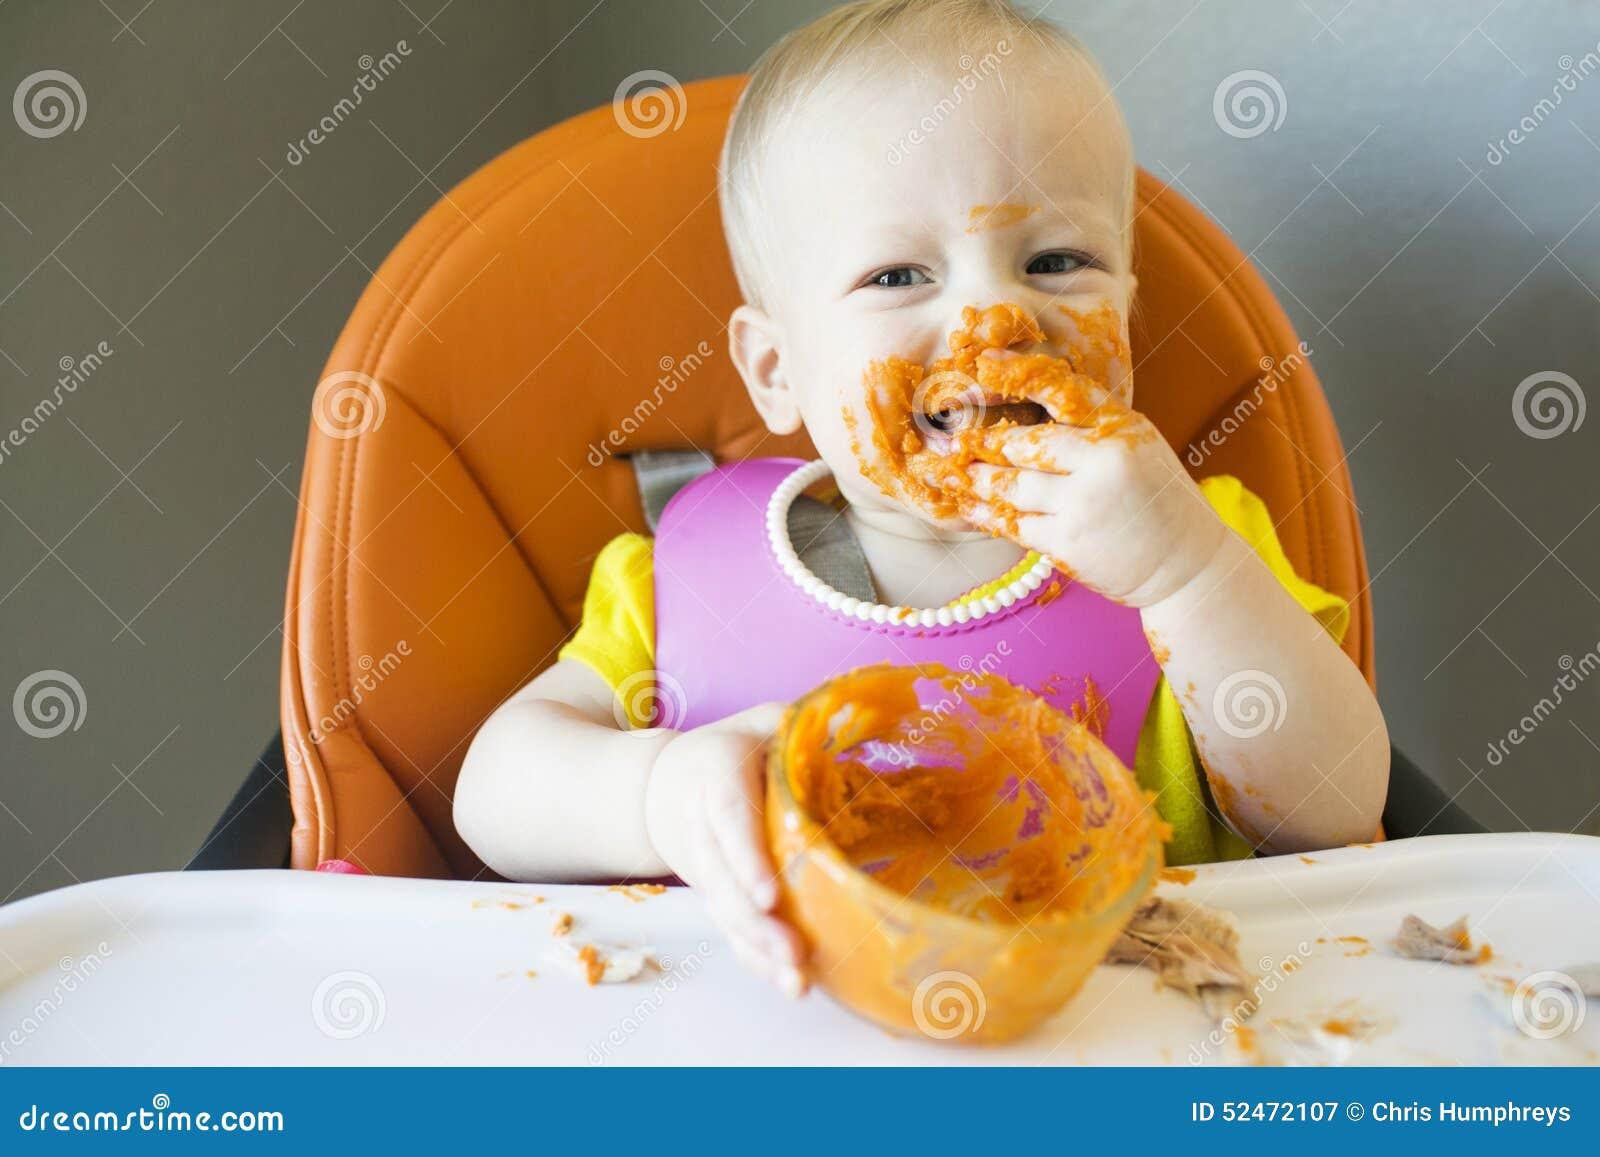 Baby Das Mit Lebensmittel Auf Gesicht Isst Stockbild